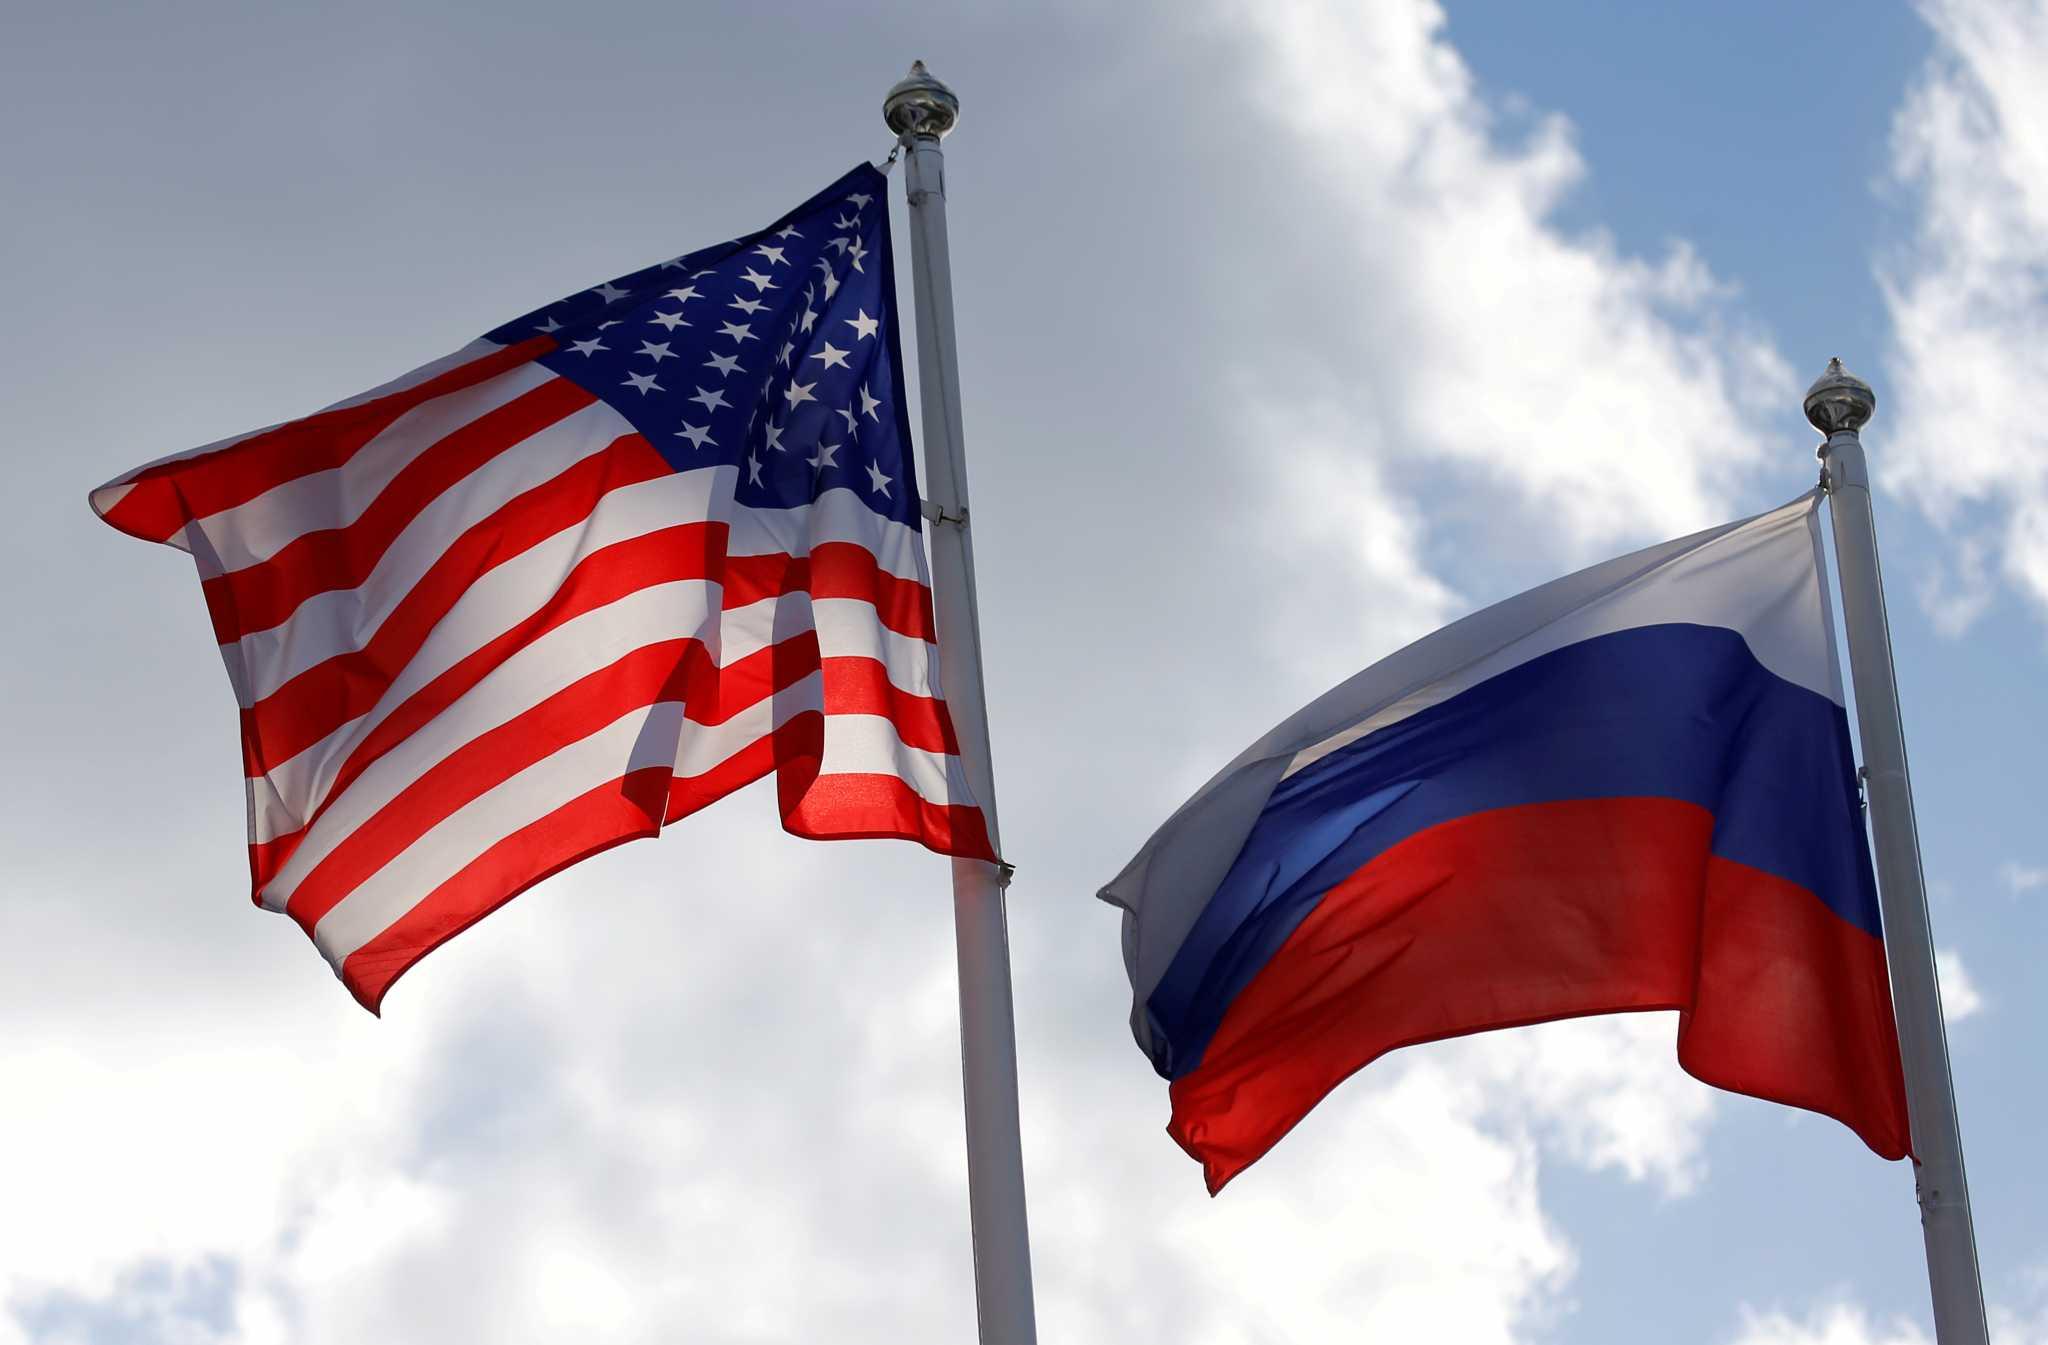 Νέες κυρώσεις των ΗΠΑ εις βάρος της Ρωσίας – «Ετοιμαζόμαστε για τα χειρότερα σενάρια»